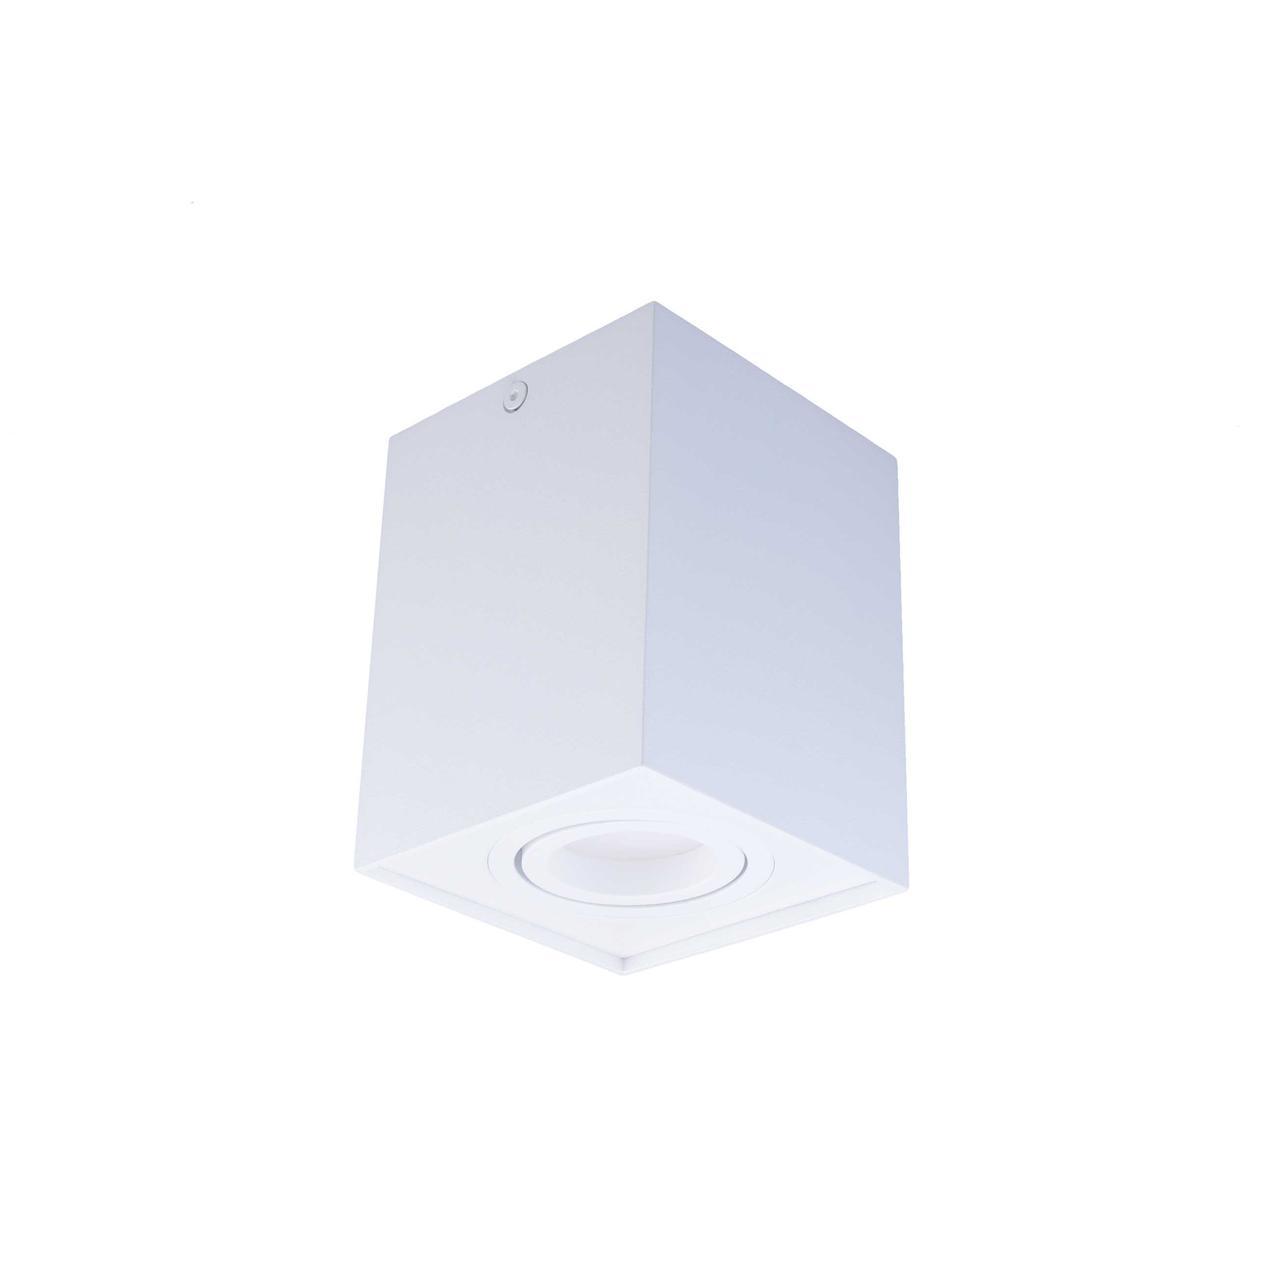 Led спот накладной квадрат белый TH5802 WH